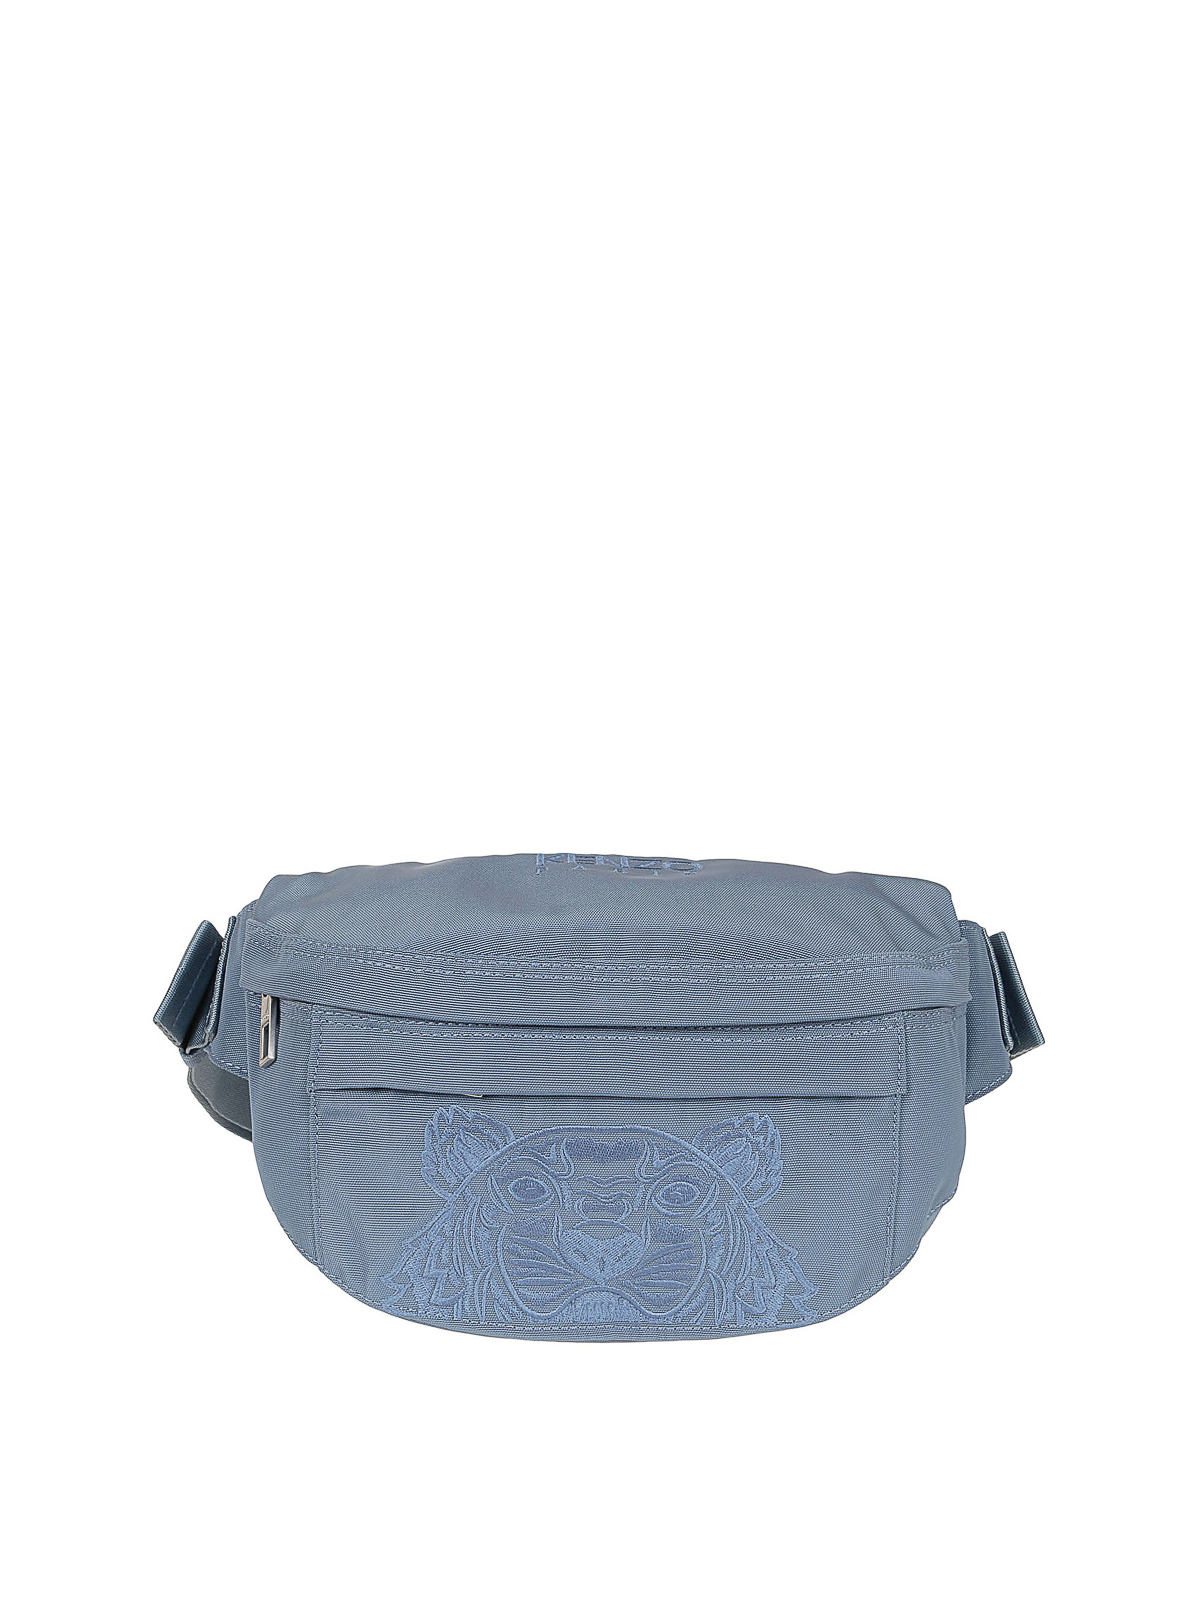 Kenzo Tiger Belt Bag In Light Blue